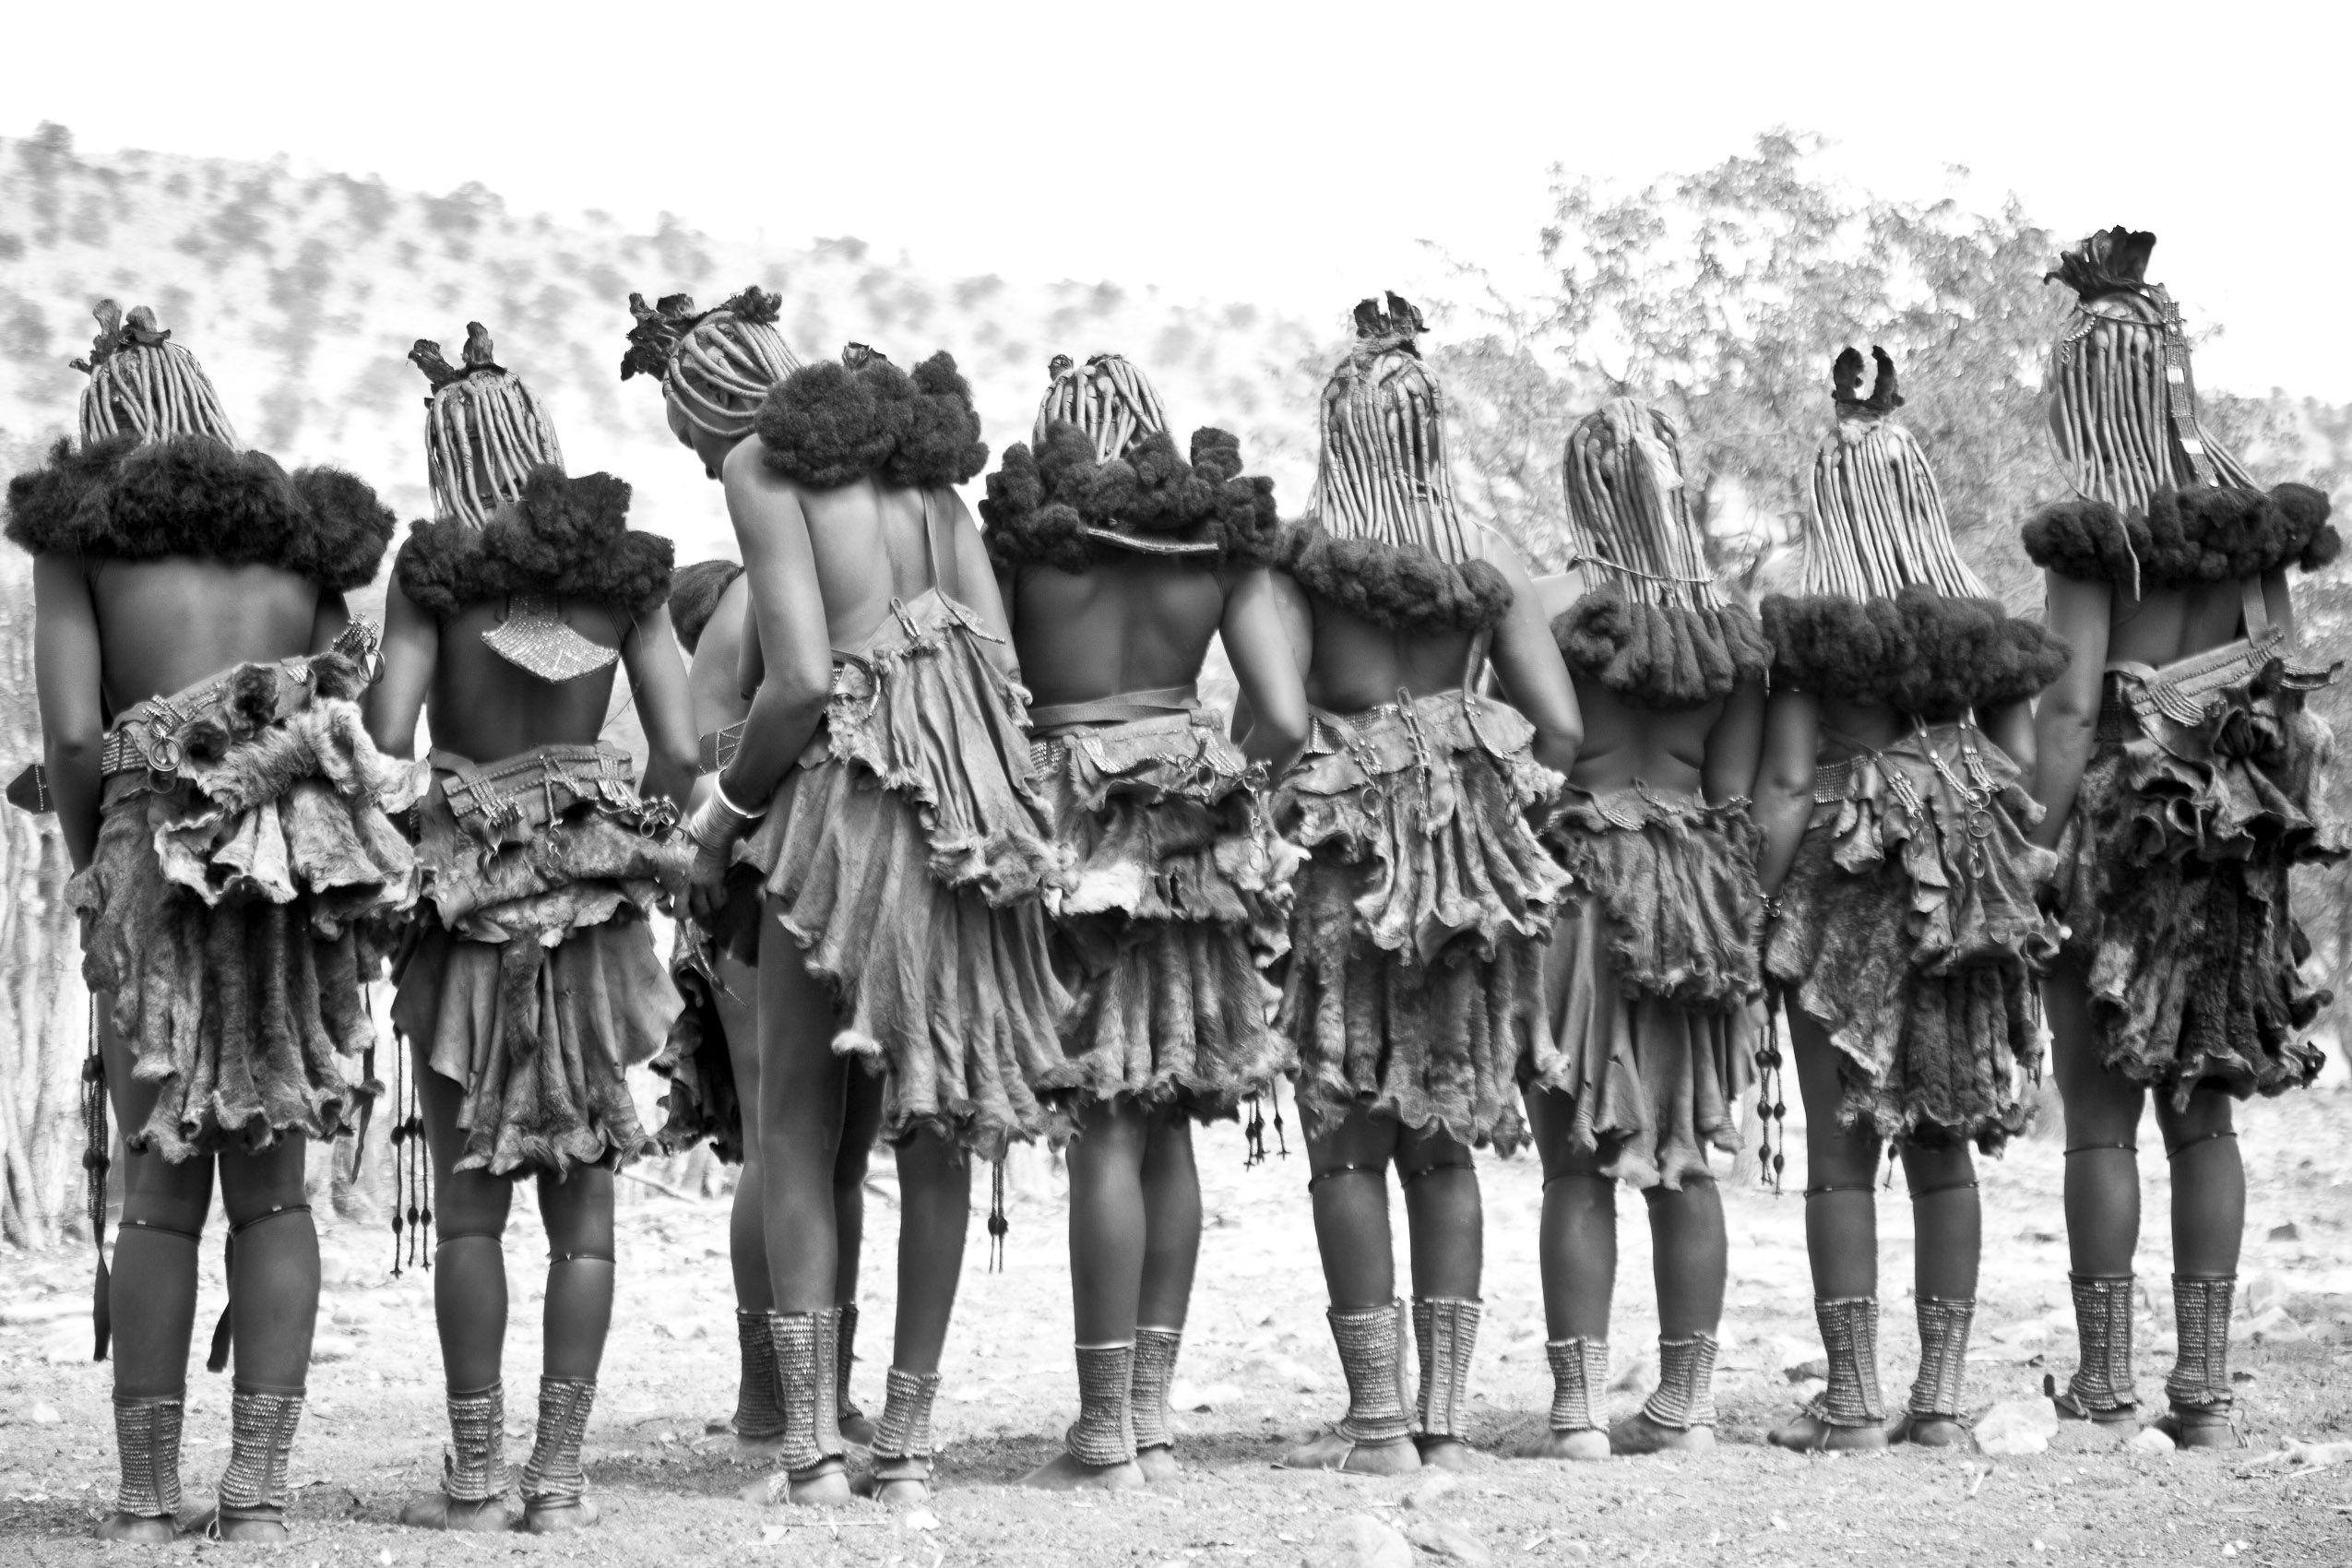 namibia_himba_tribe.jpg